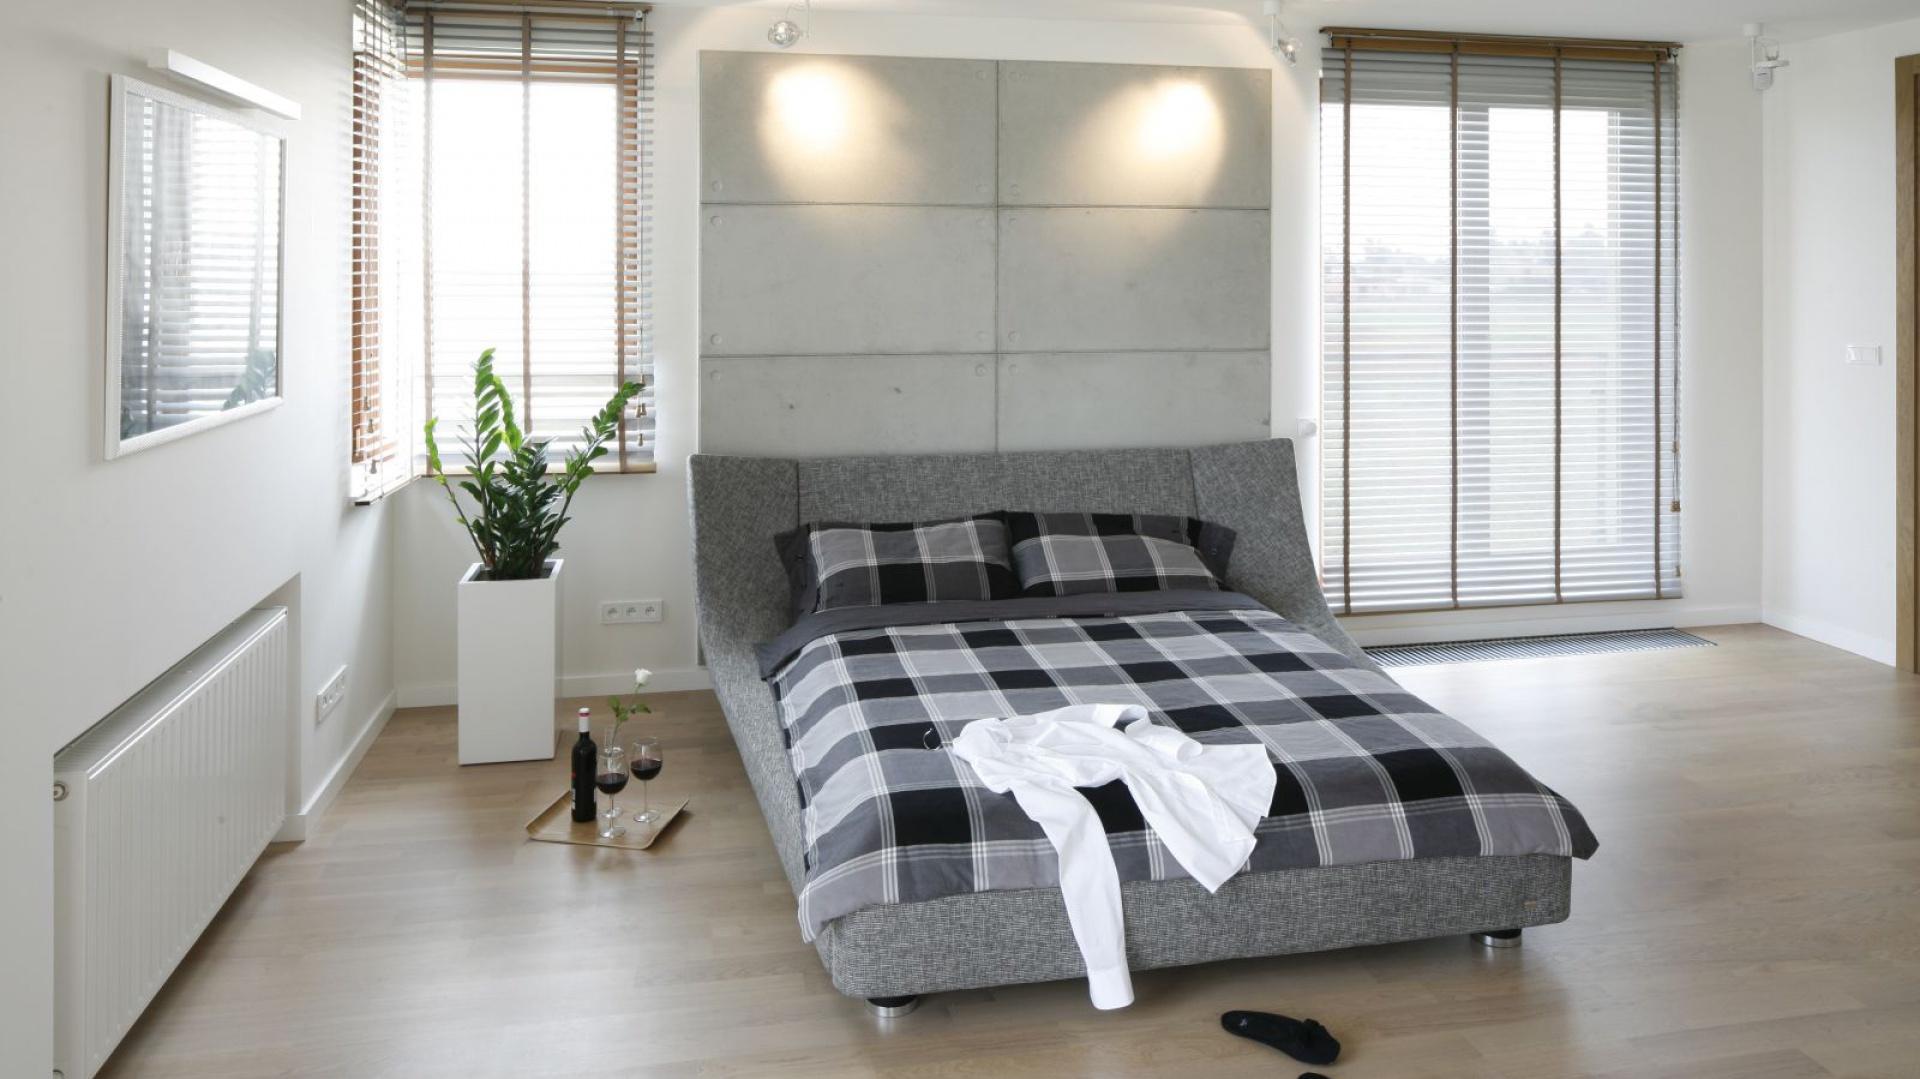 Chociaż sypialnia urządzona...  Nowoczesna sypialnia. 20 propozycji architektów  Strona: 11